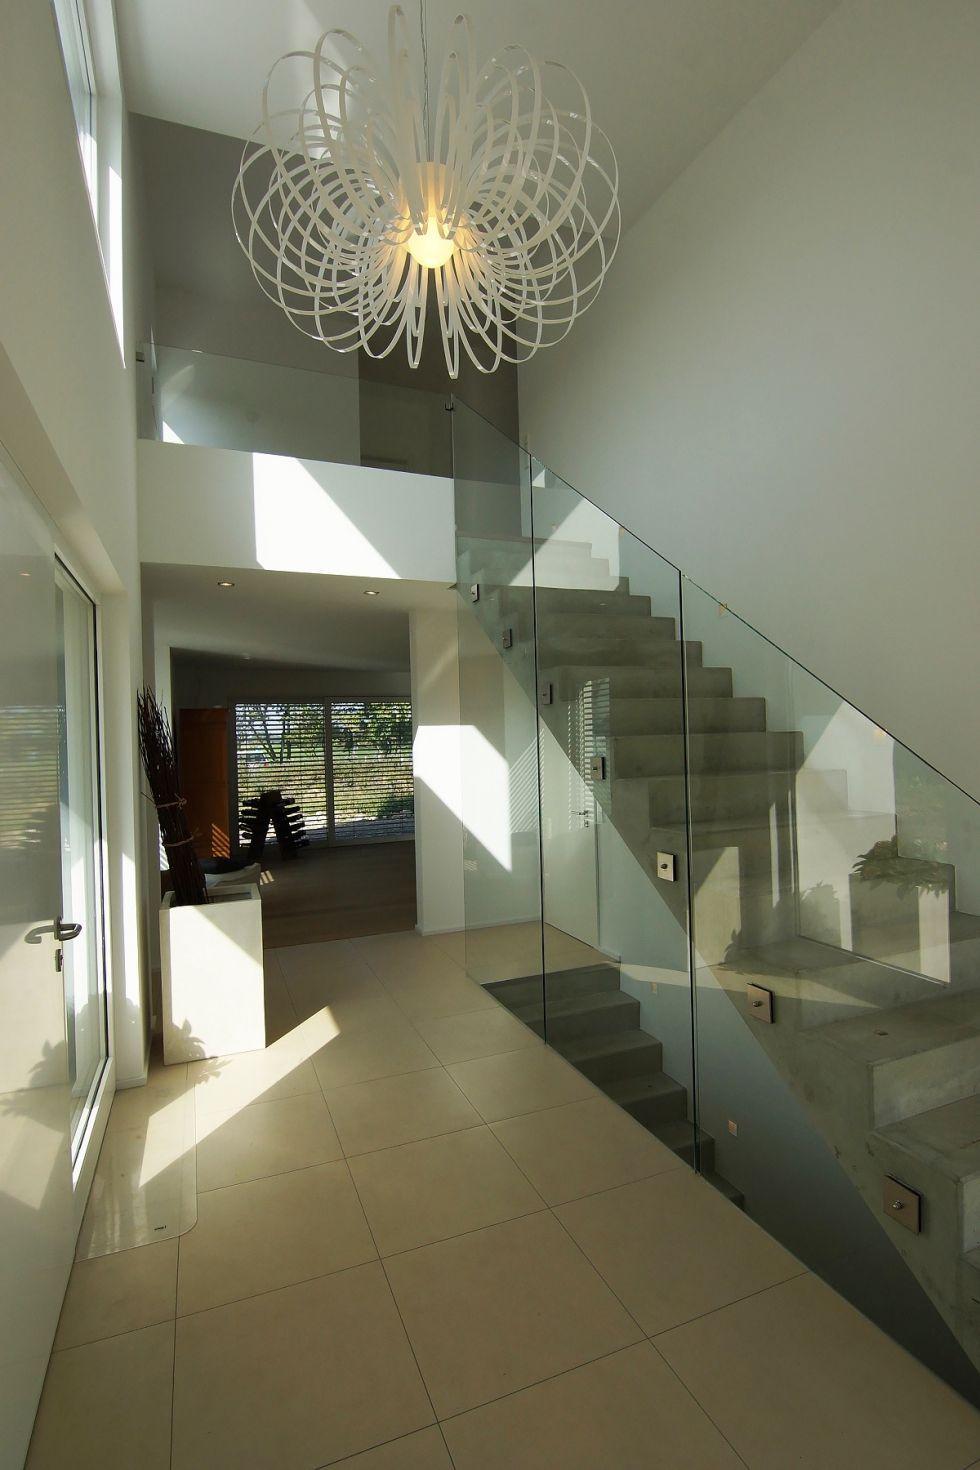 Ideen für mobile kücheneinrichtungen hausntz  aprikari gmbh u co kg  architektur  pinterest  haus